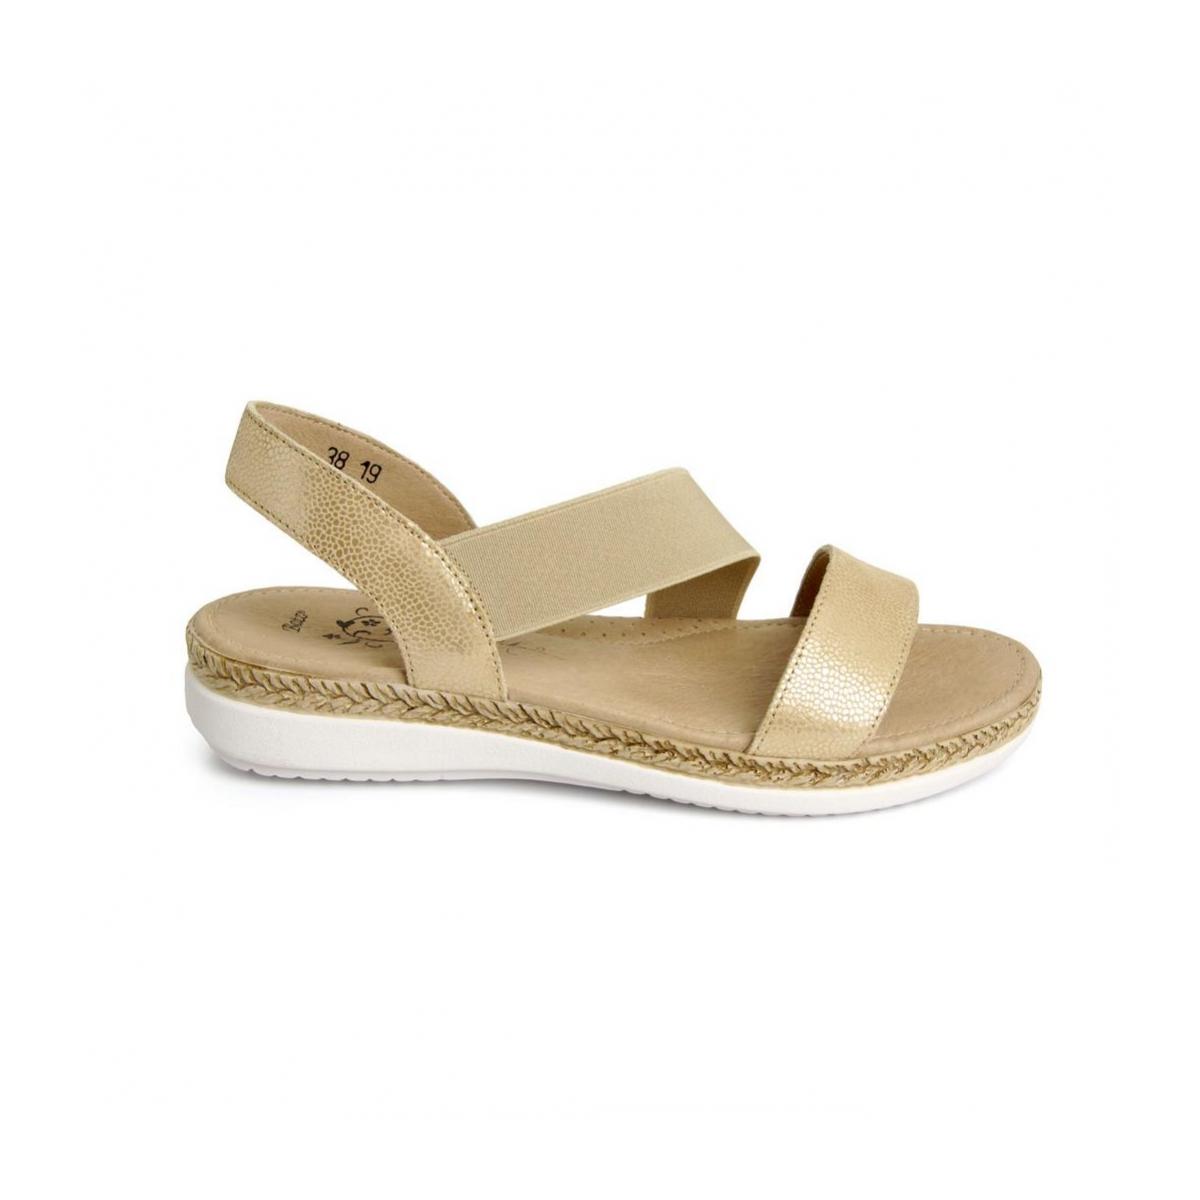 8f998e0ab96e Dámske kožené čierne sandále FRESH 52